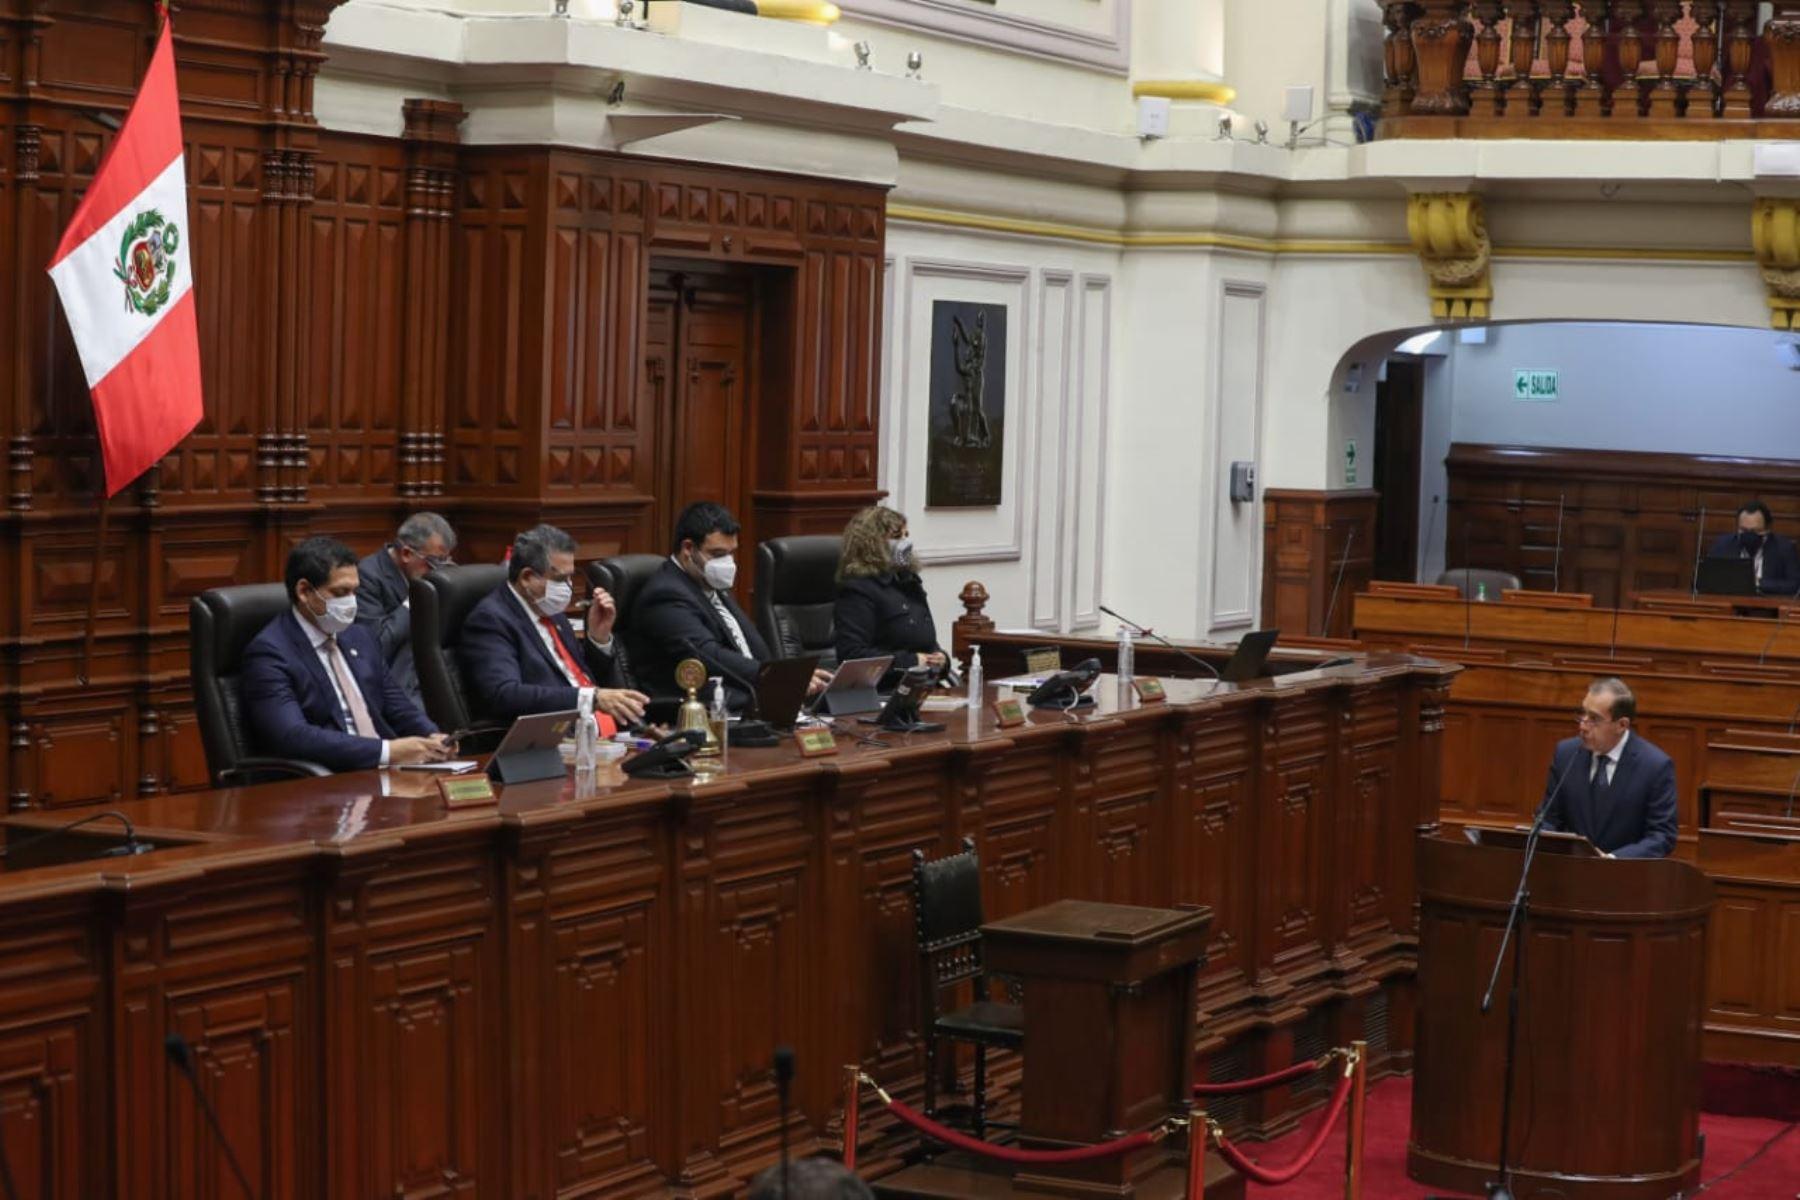 Primer ministro Walter Martos expone políticas del Gobierno para obtener el voto de confianza del Congreso. Foto: ANDINA/PCM